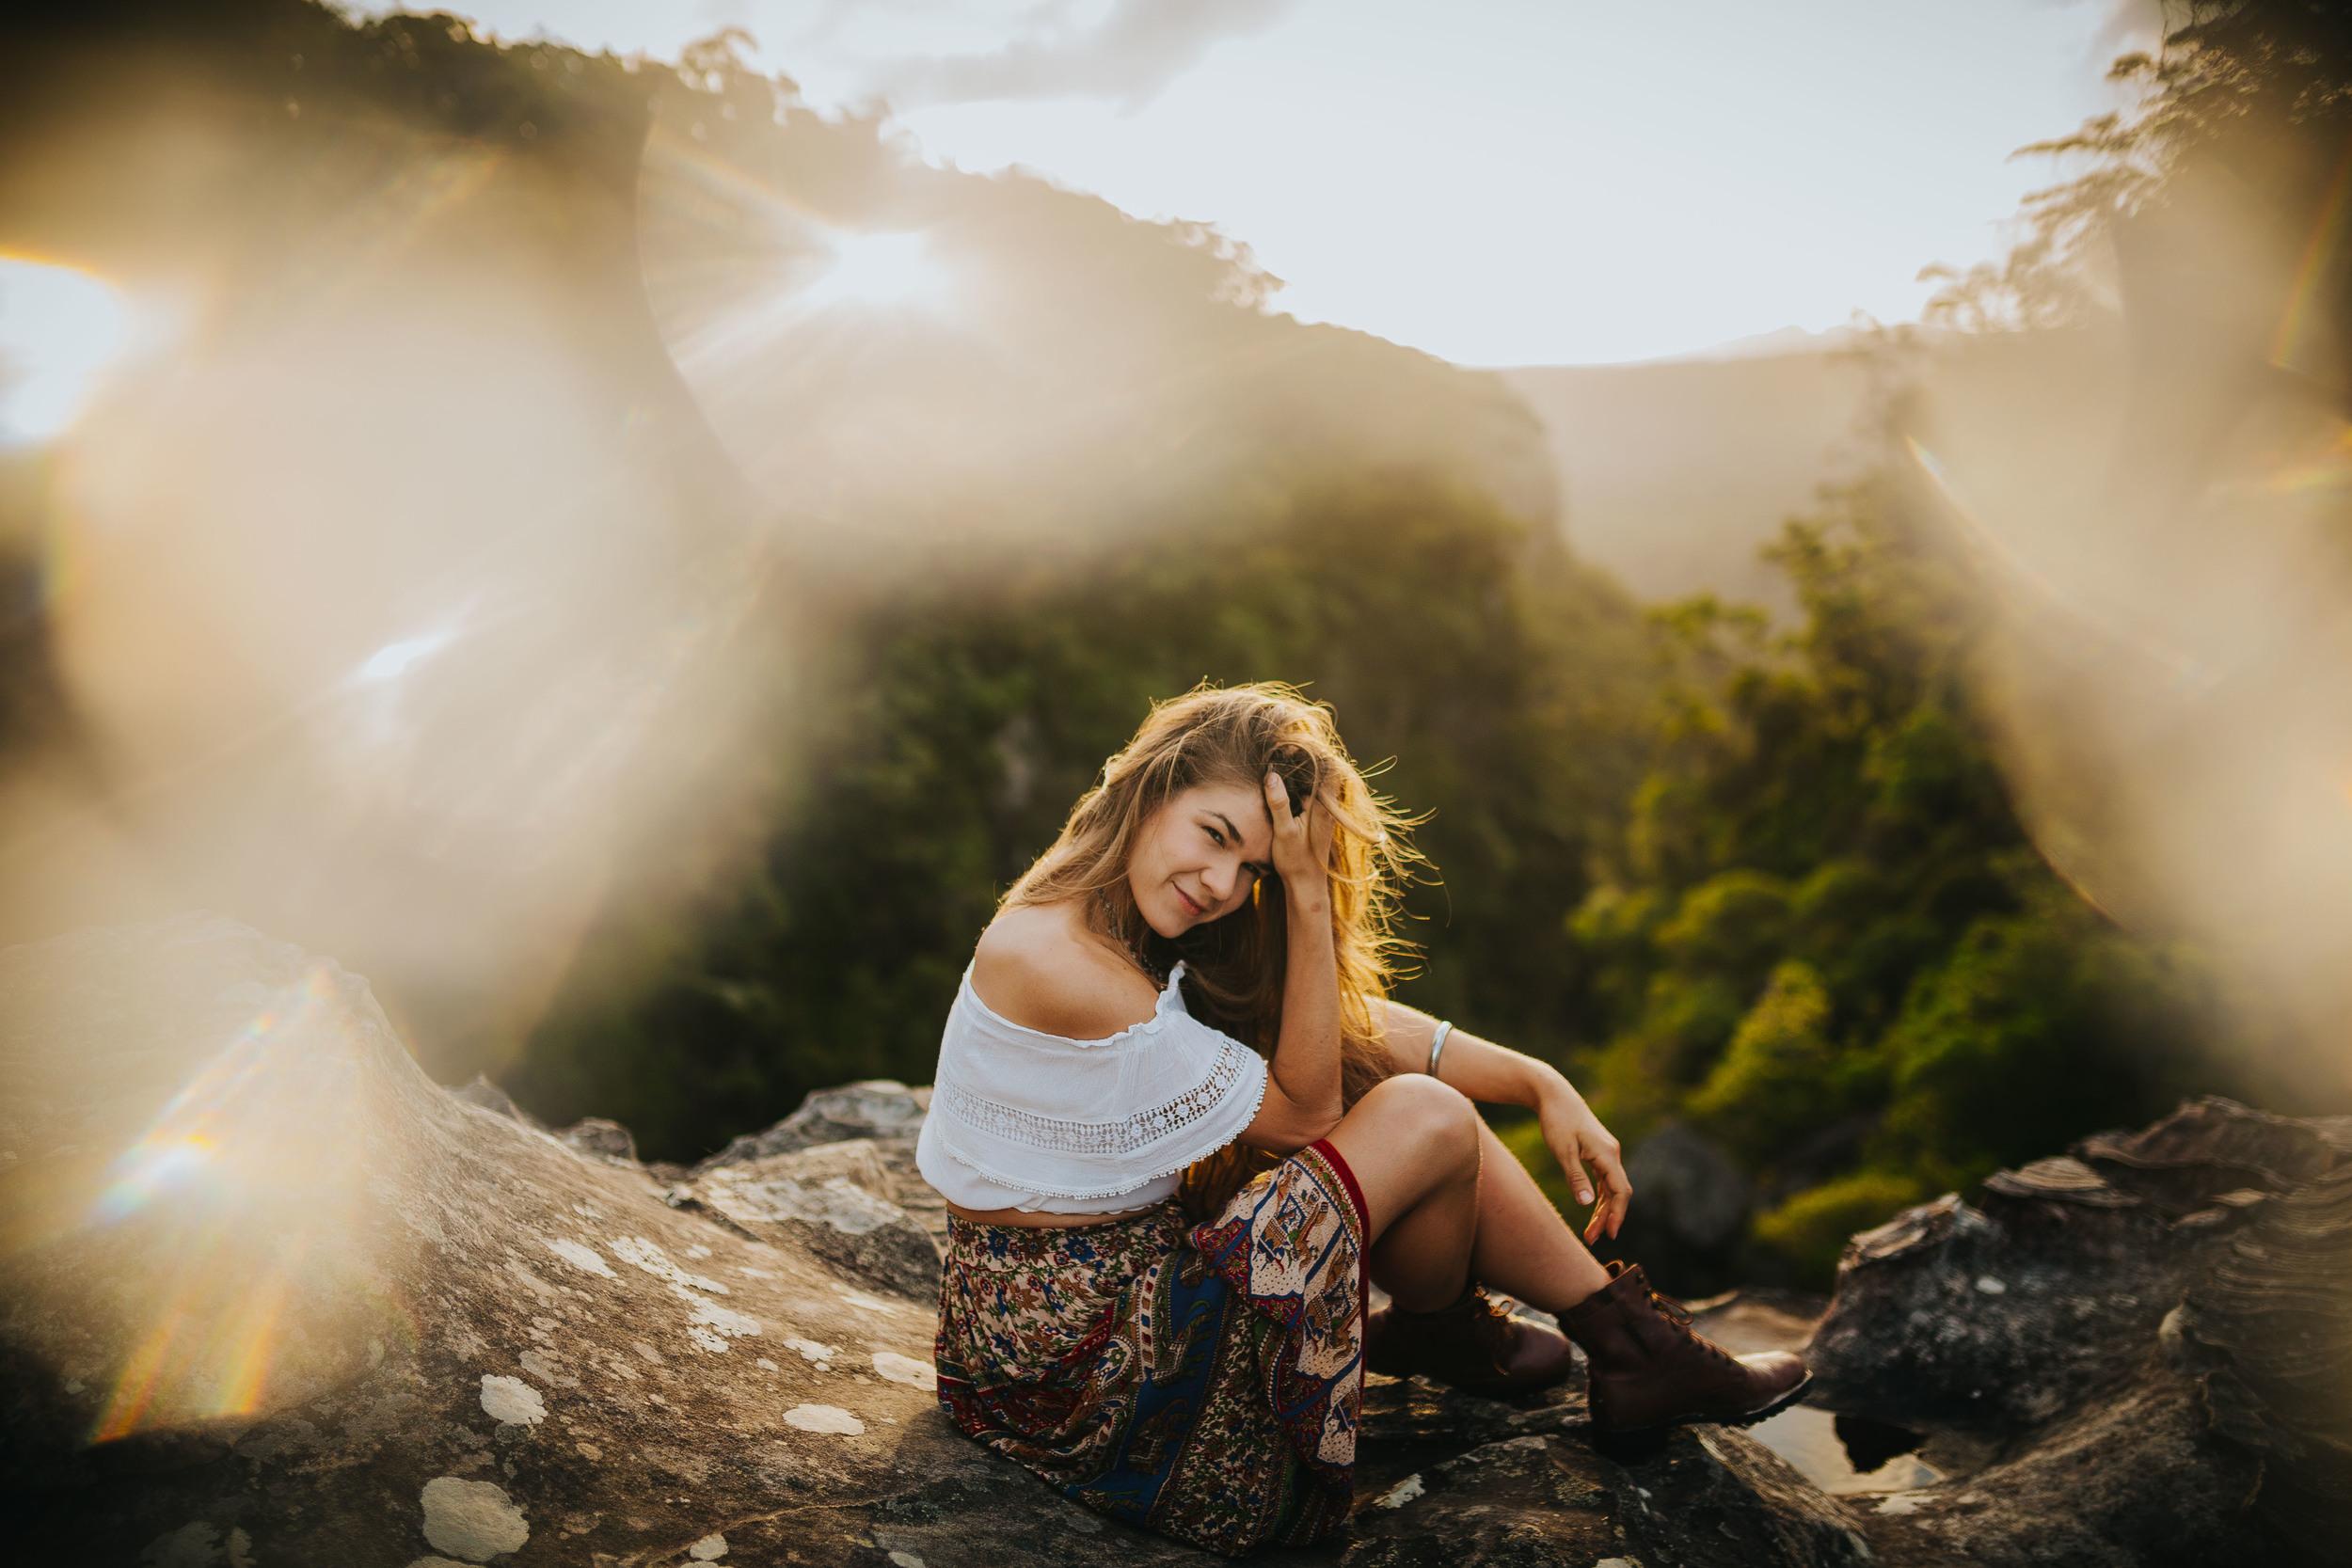 Megan_alanataylorphotographyBLOG-27.jpg